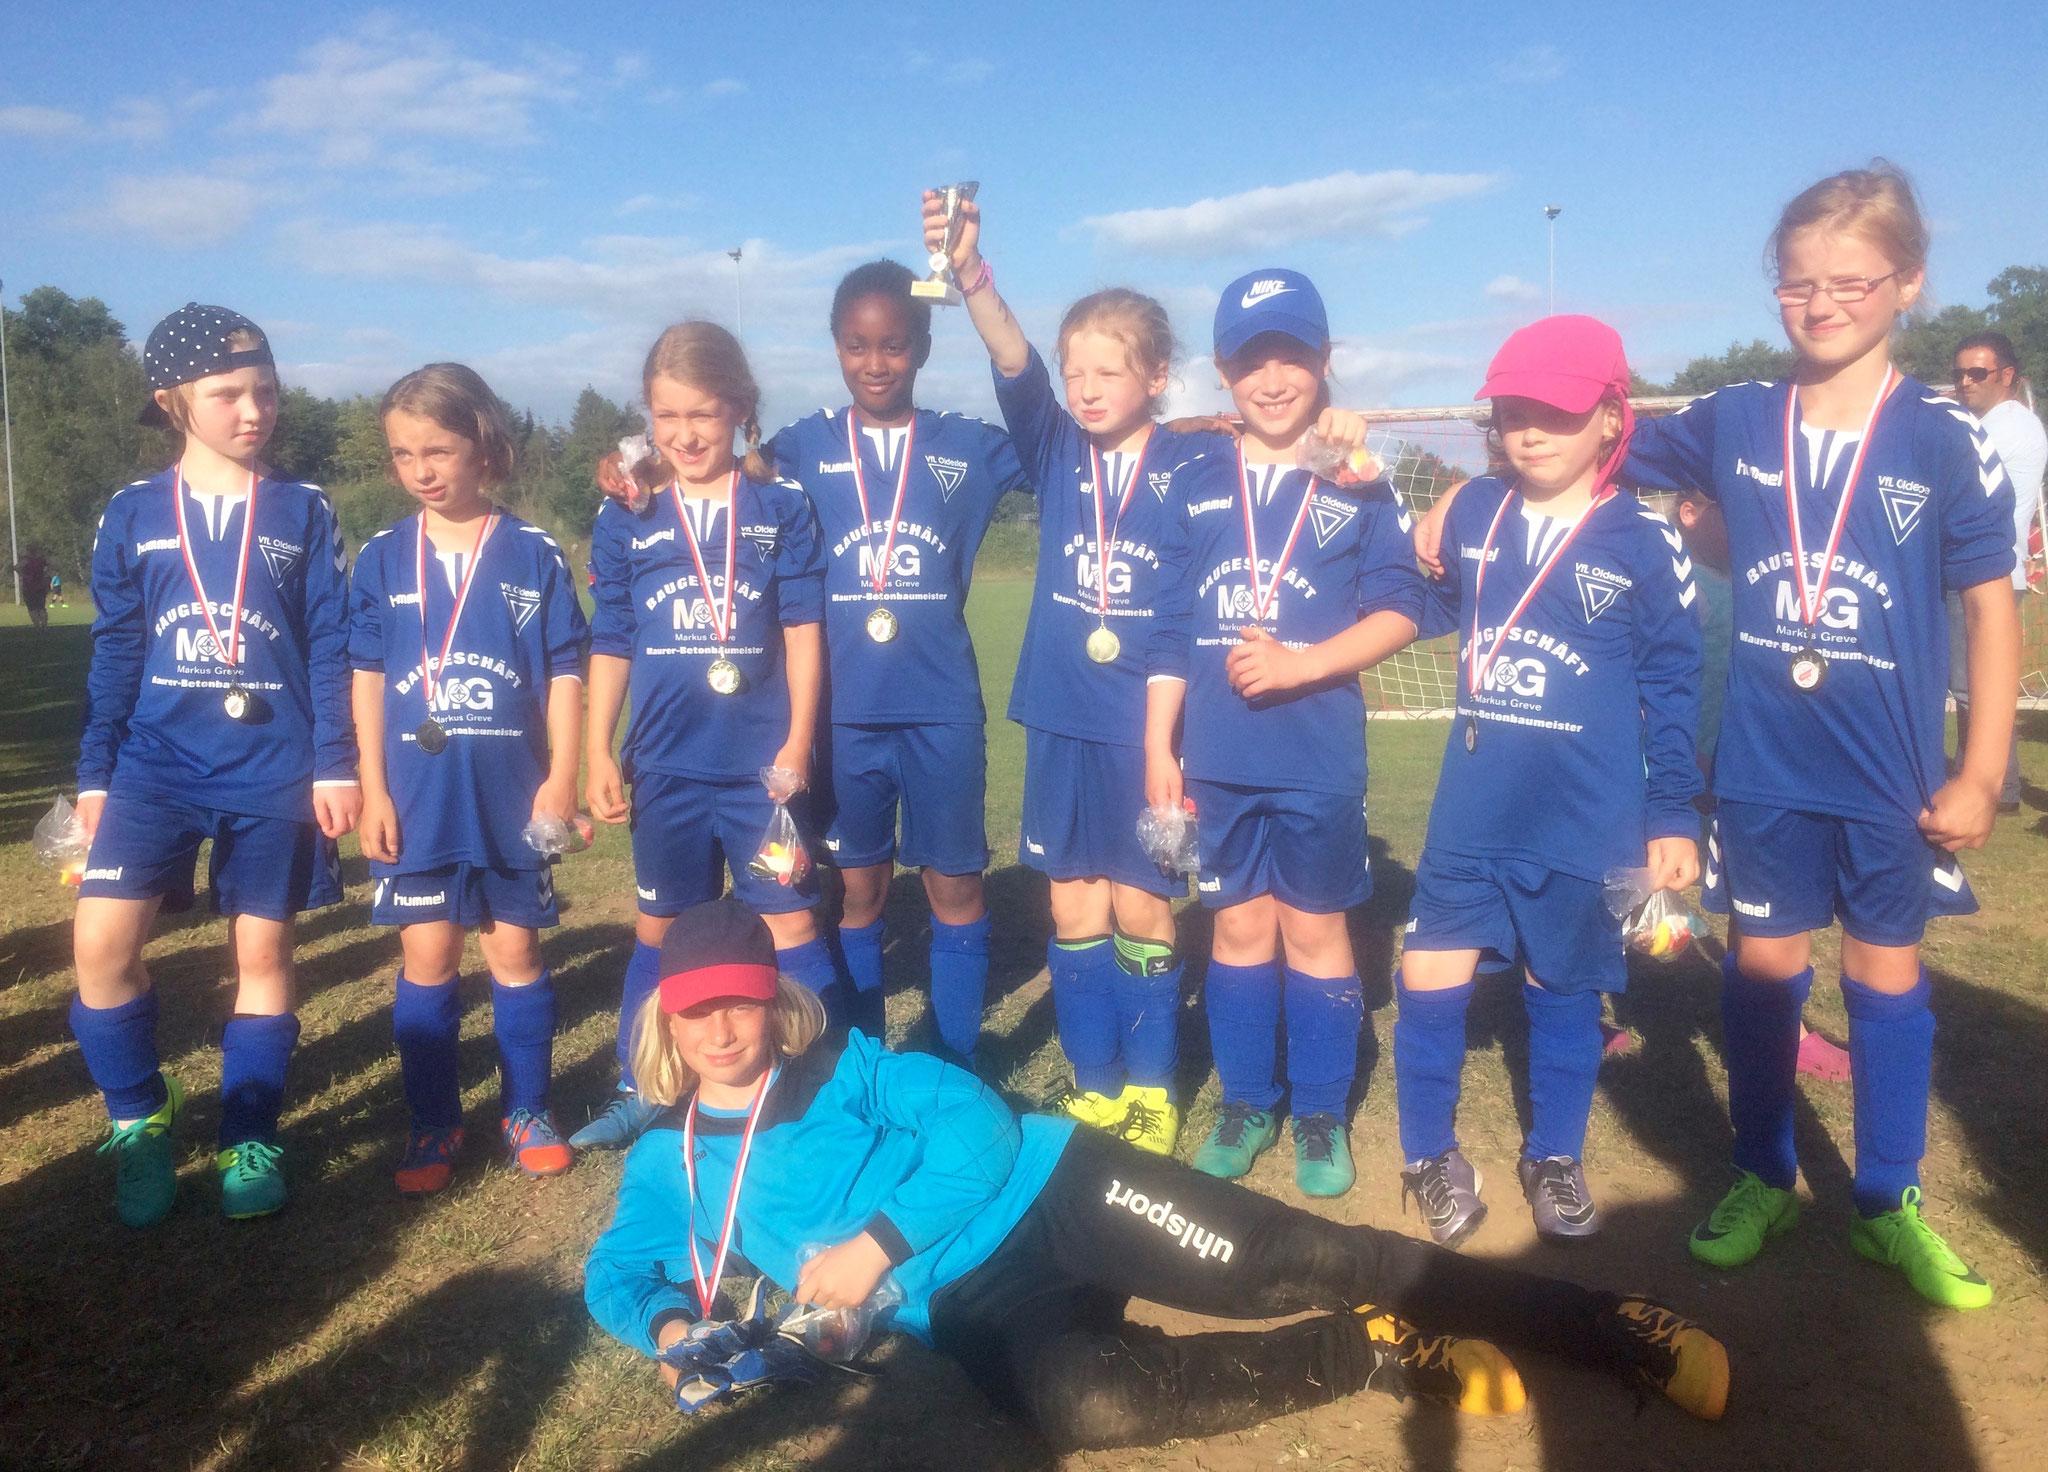 Unsere F-Mädchen - ein starkes Team